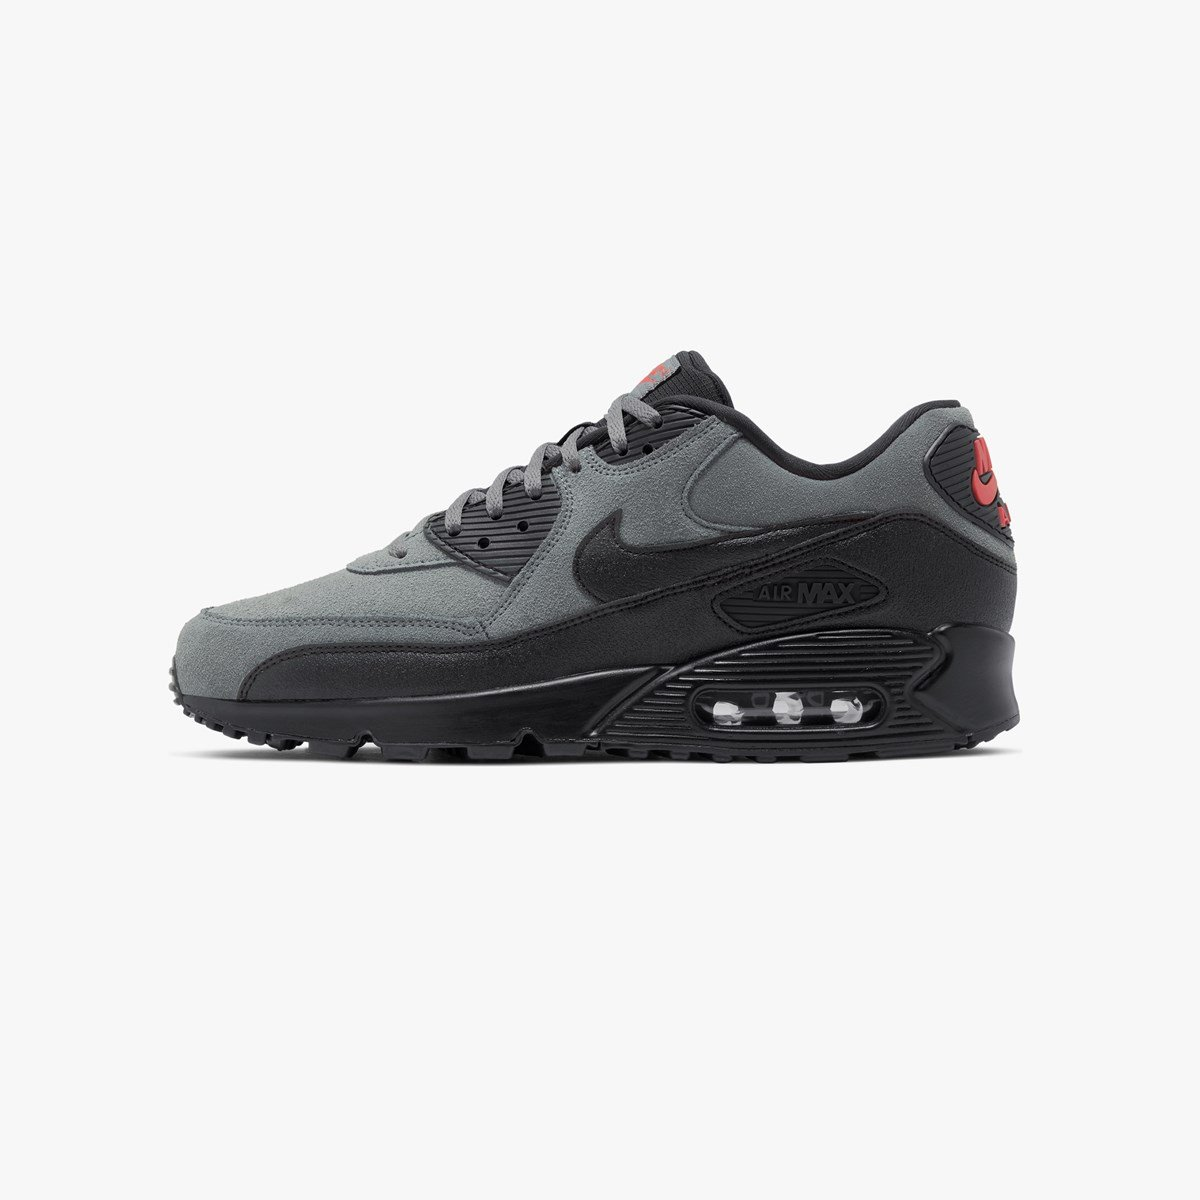 Nike Air Max 90 Essential - Aj1285-025 - SNS   sneakers & streetwear online since 1999